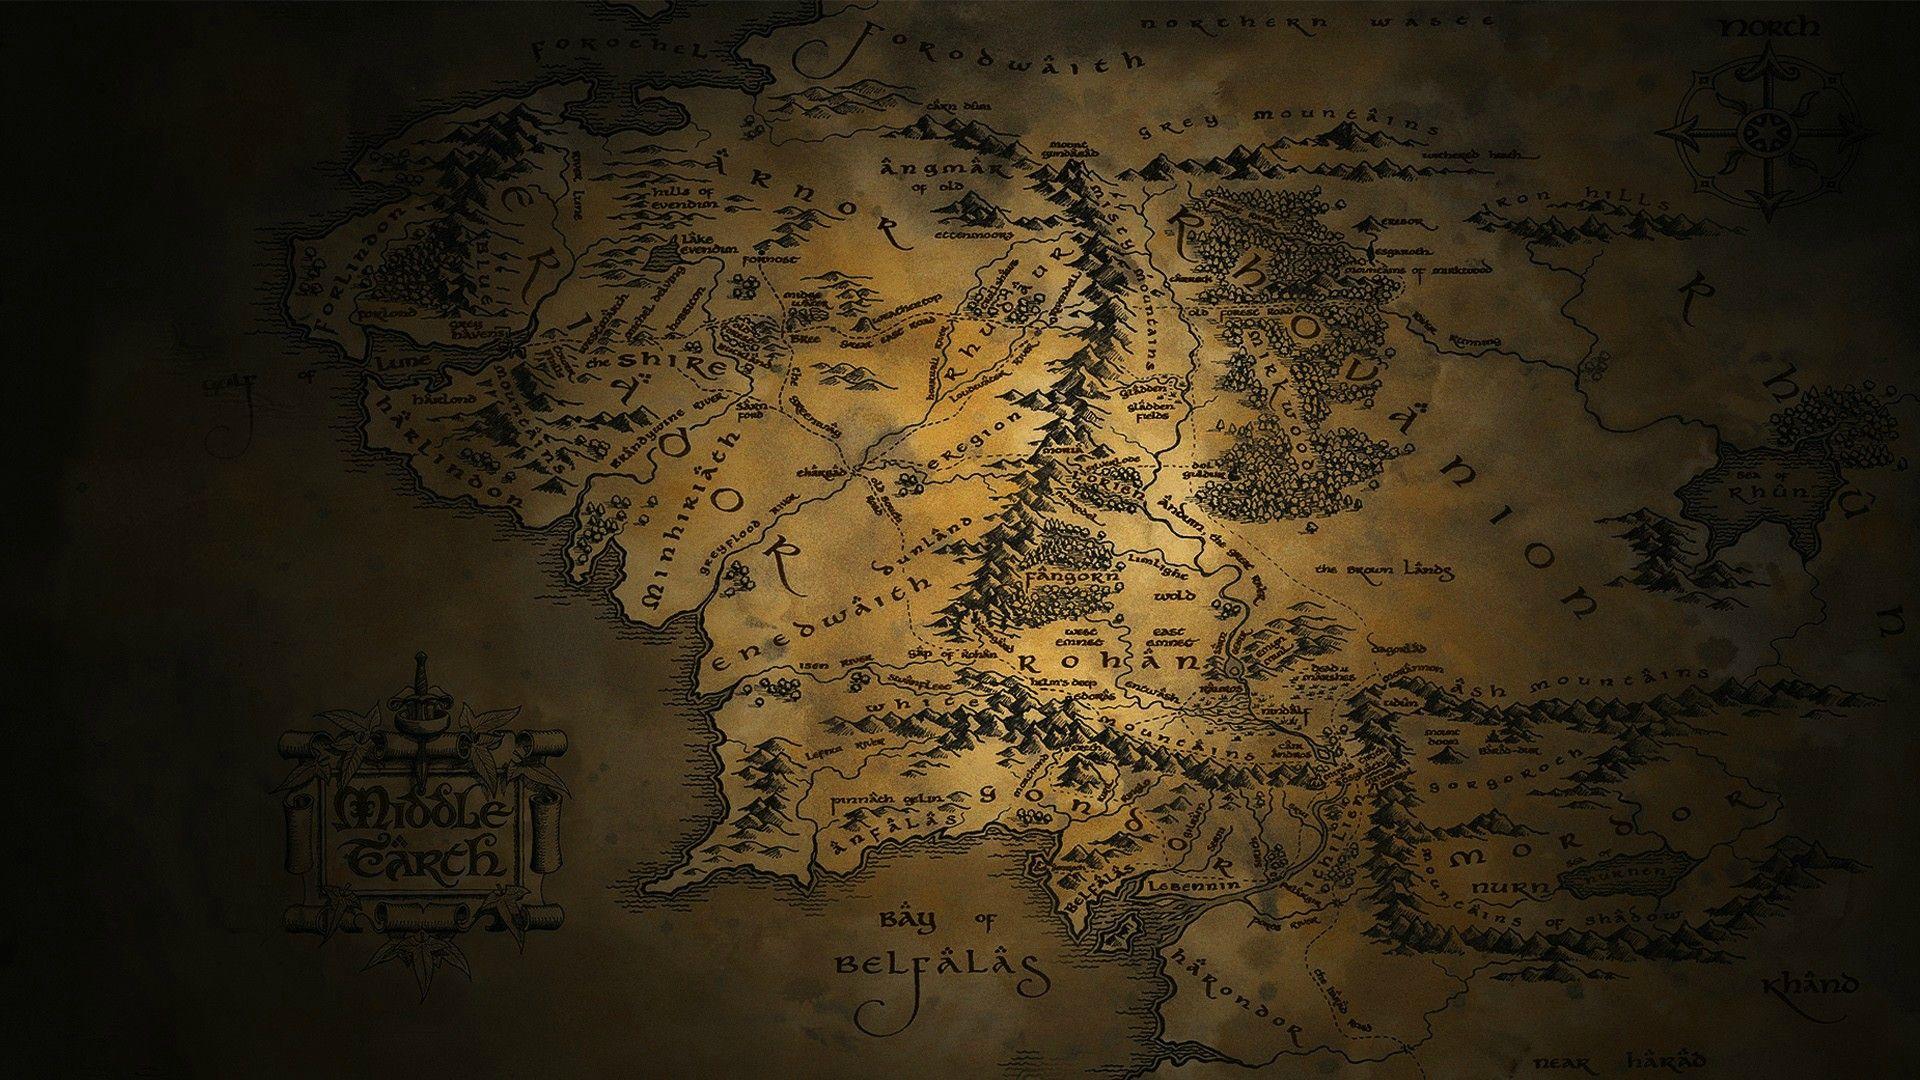 prix de liquidation énorme inventaire 100% de haute qualité Tolkien Wallpapers | Souvenirs de Terre du milieu - Vieilles ...